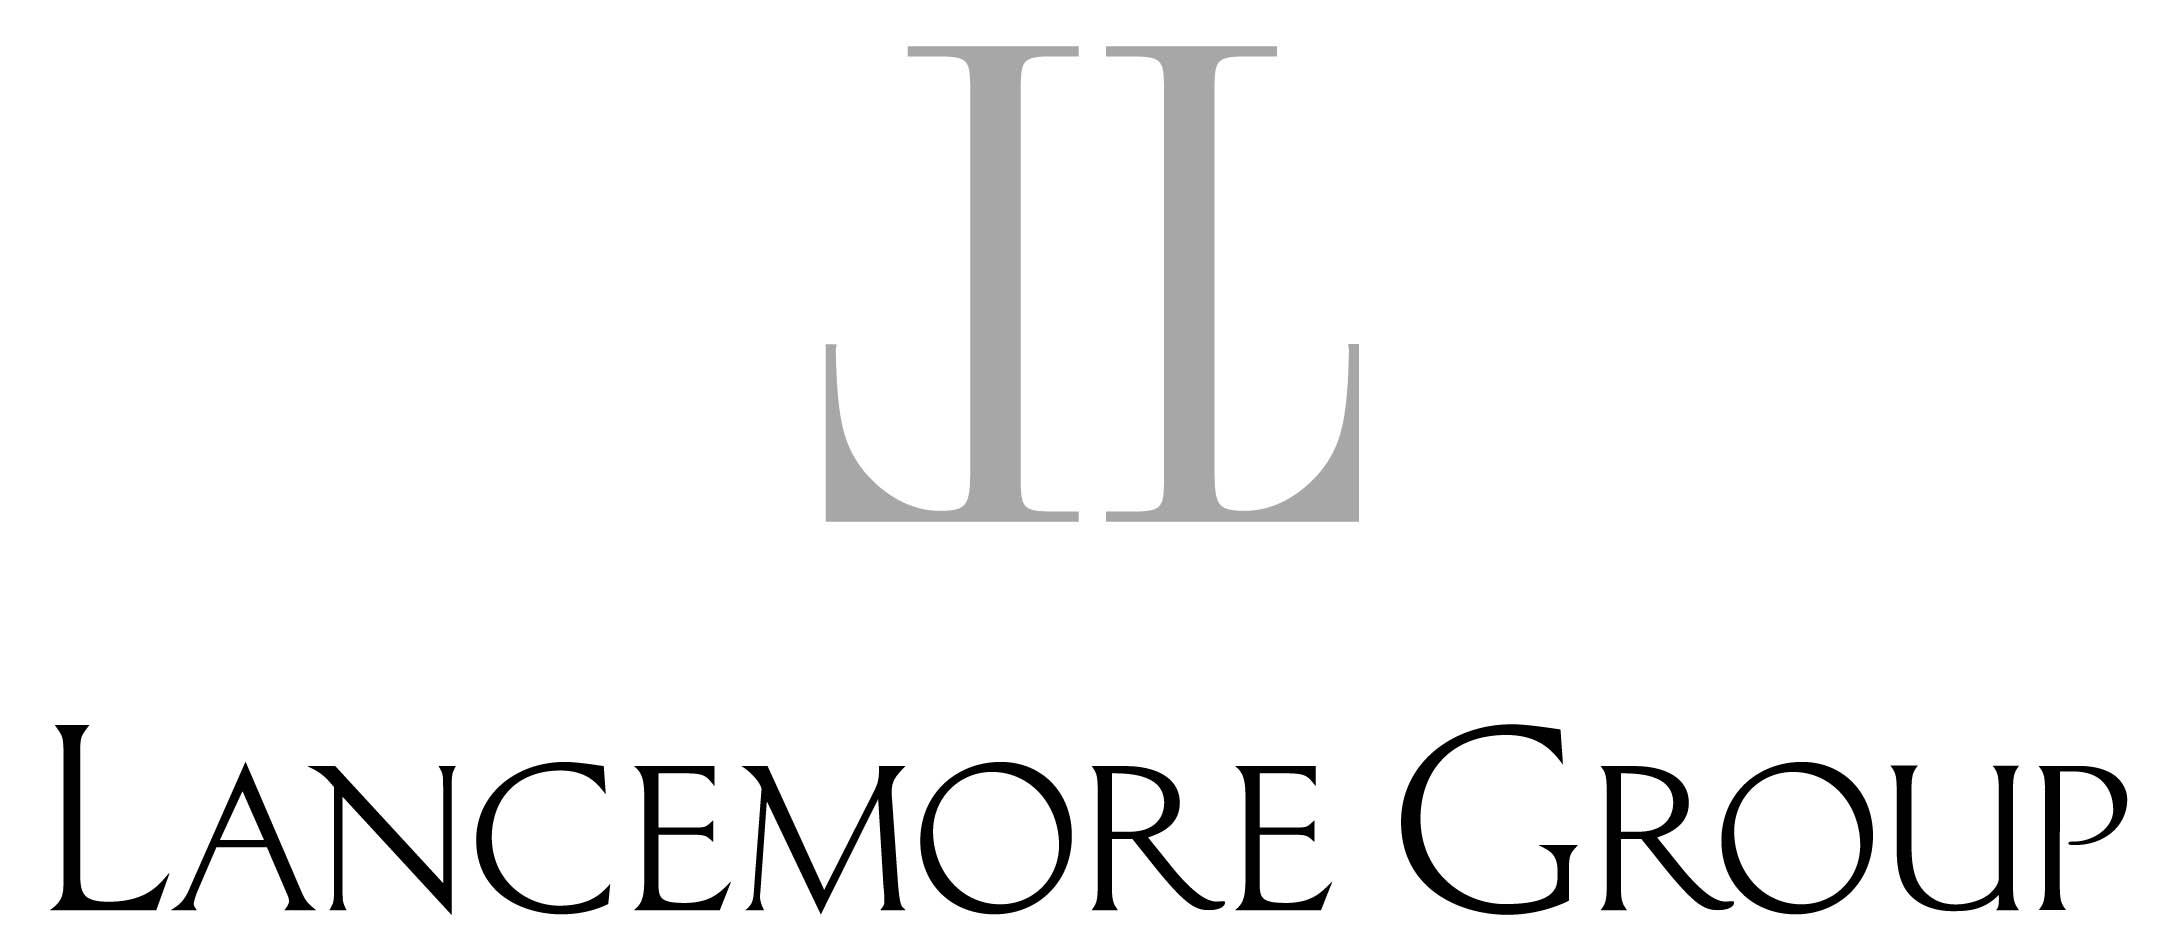 Lancemore Group Logo.jpg